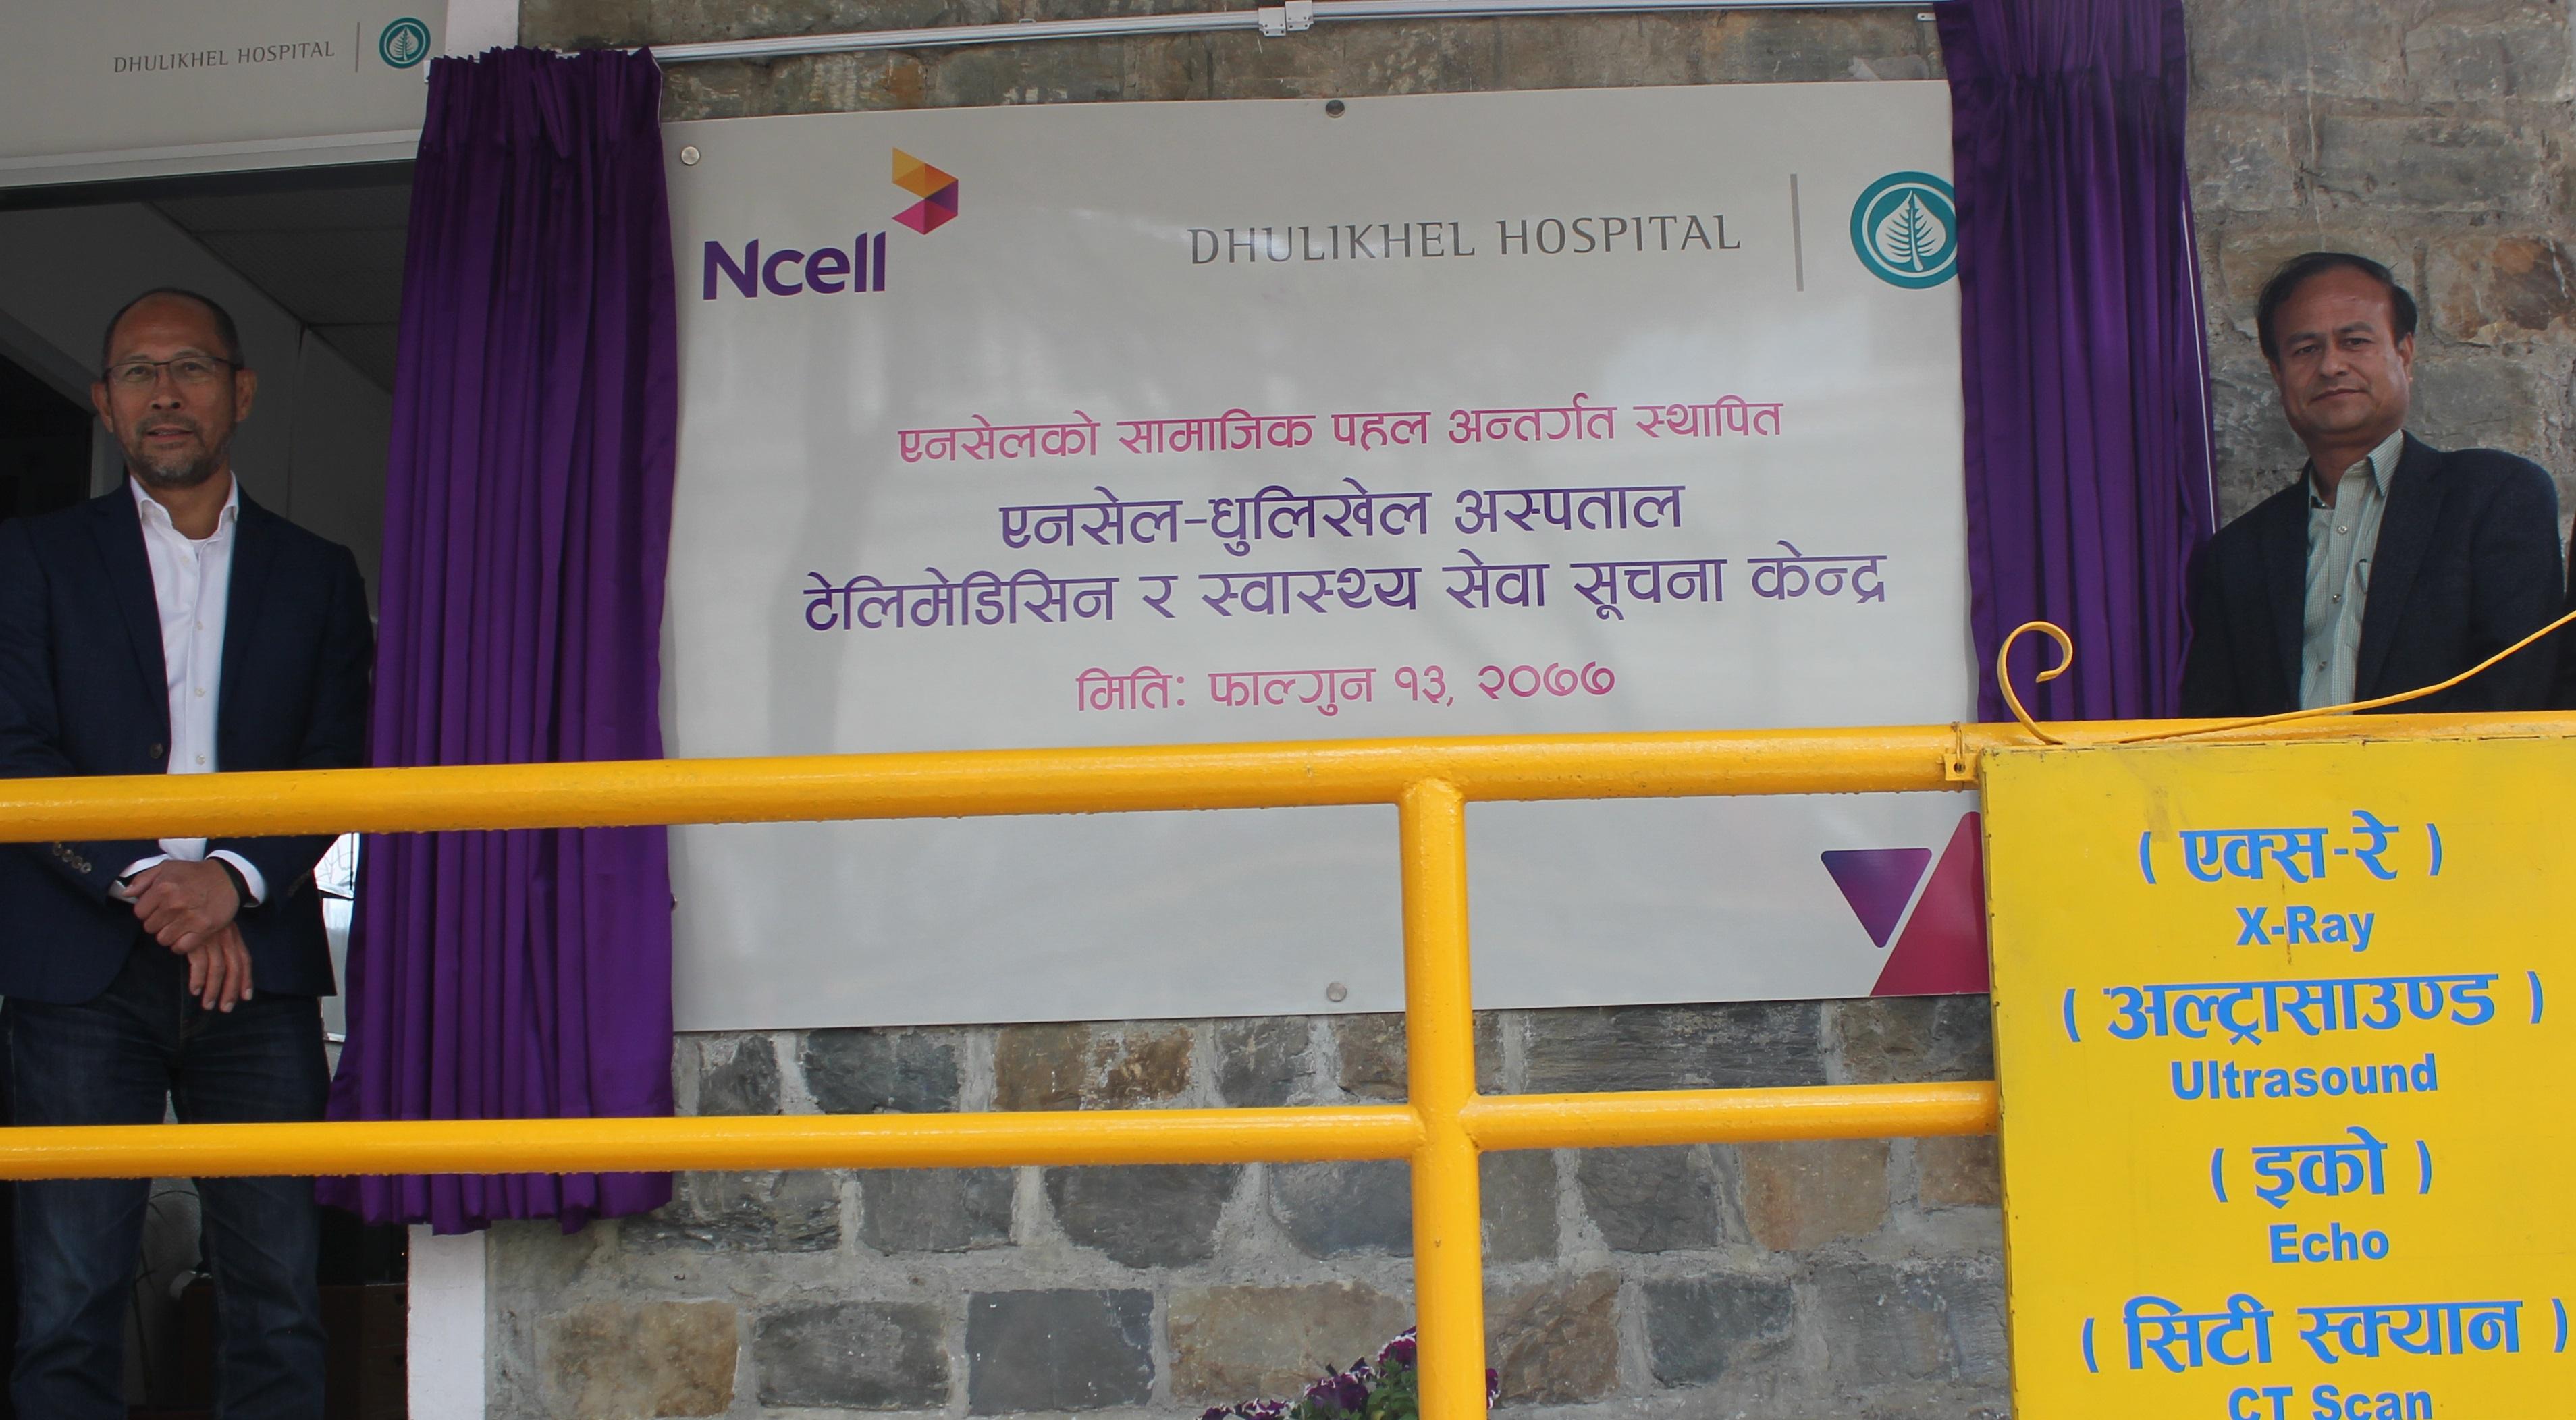 एनसेल र धुलिखेल अस्पतालको सहकार्यमा टेलिमेडिसिन र स्वास्थ्य सूचना कार्यक्रम शुरु